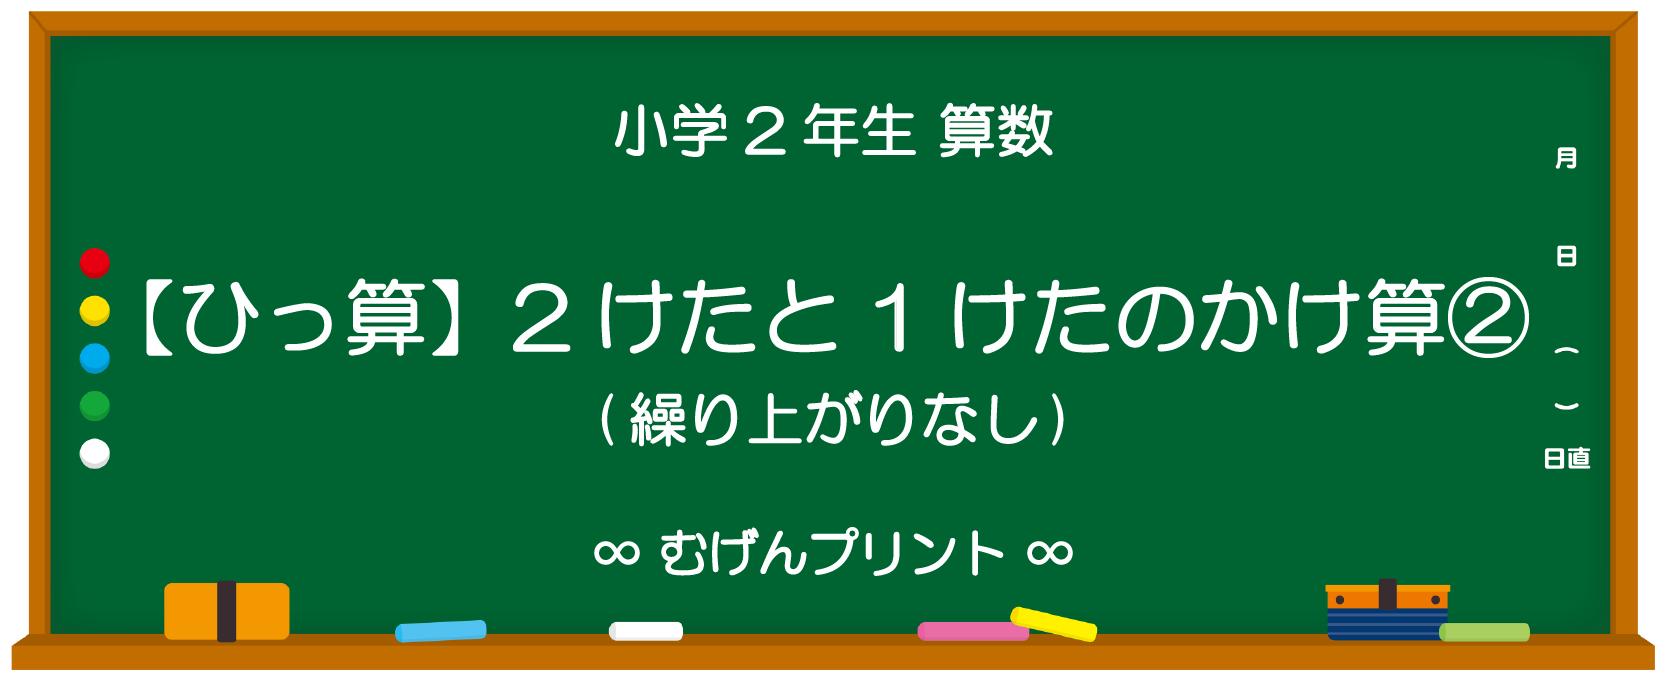 【小3 算数 無料プリント/ミニテスト/ドリル】【ひっ算】2けたと1けたのかけ算②(繰り上がりなし)